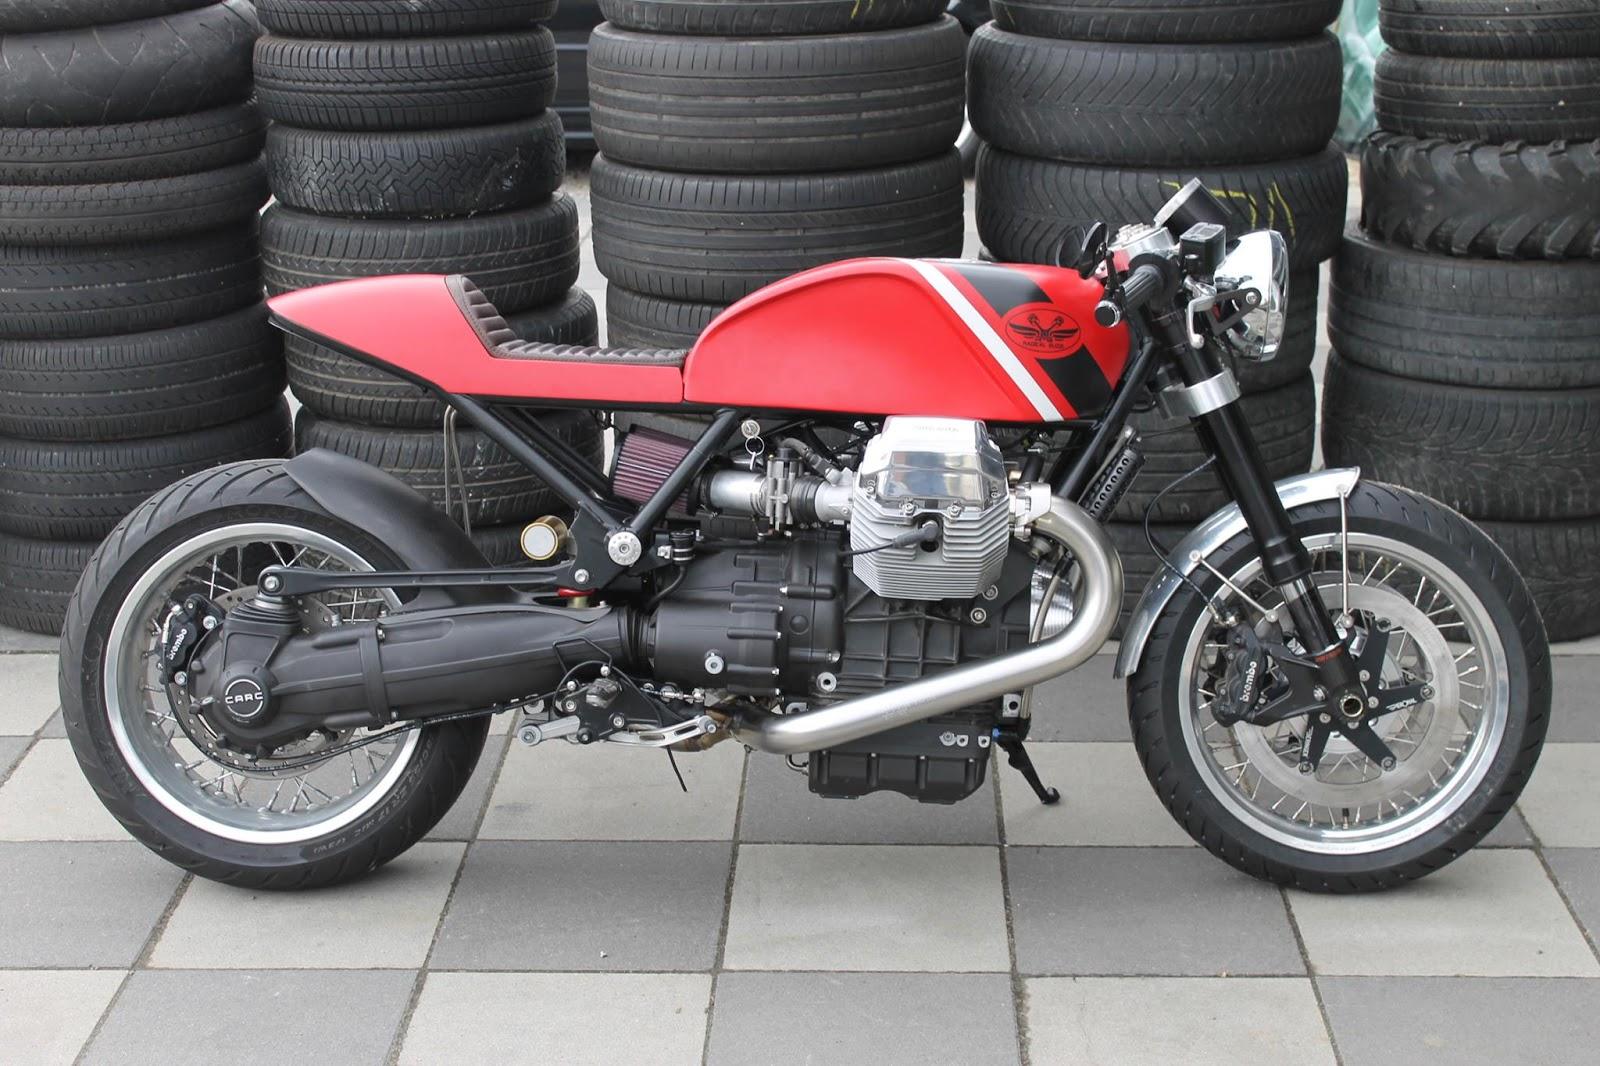 Racing Cafè: Moto Guzzi Bellagio Cafè Racer by Radical Guzzi